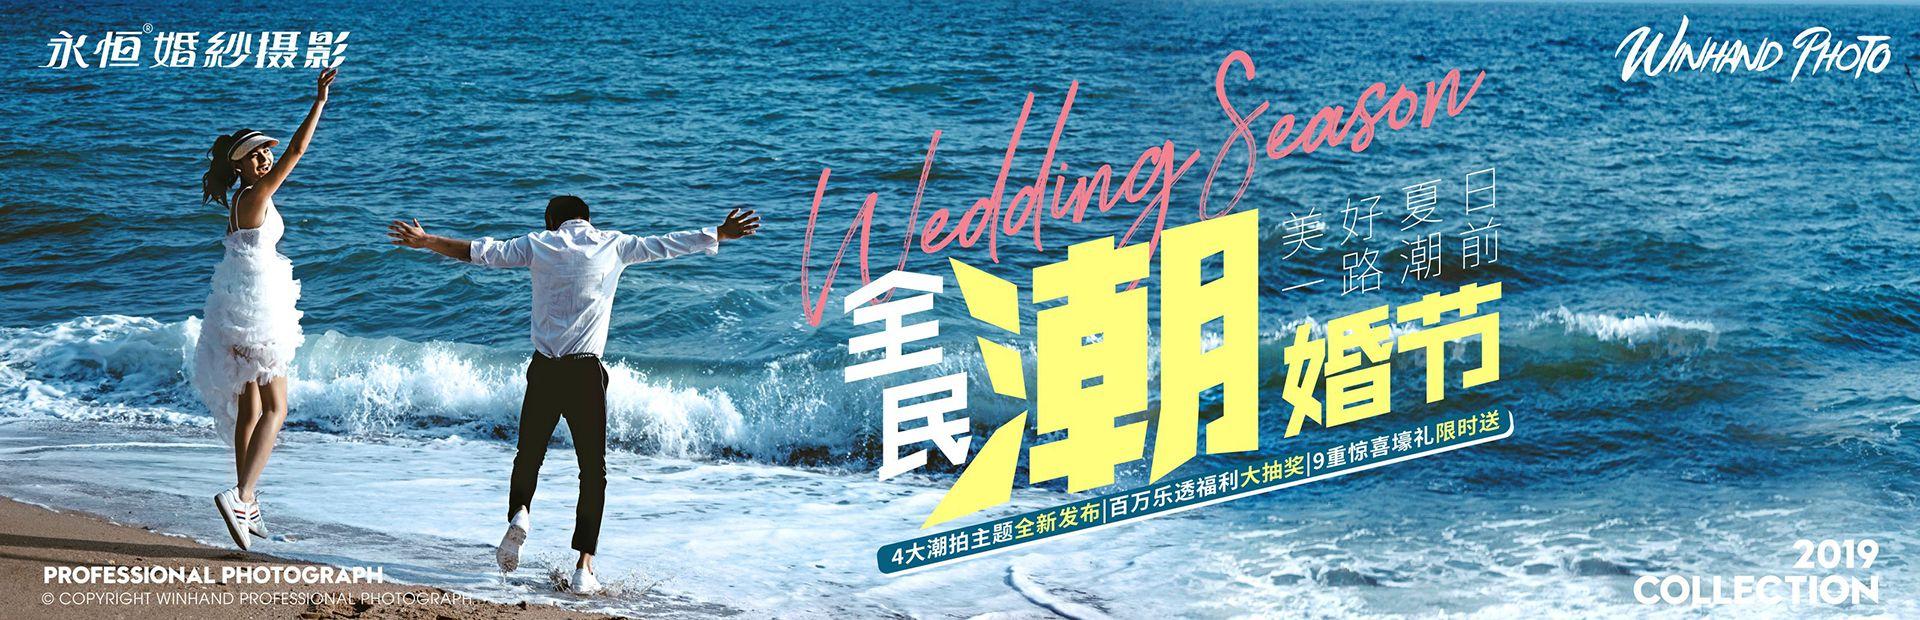 永恒婚纱摄影-全民潮婚节